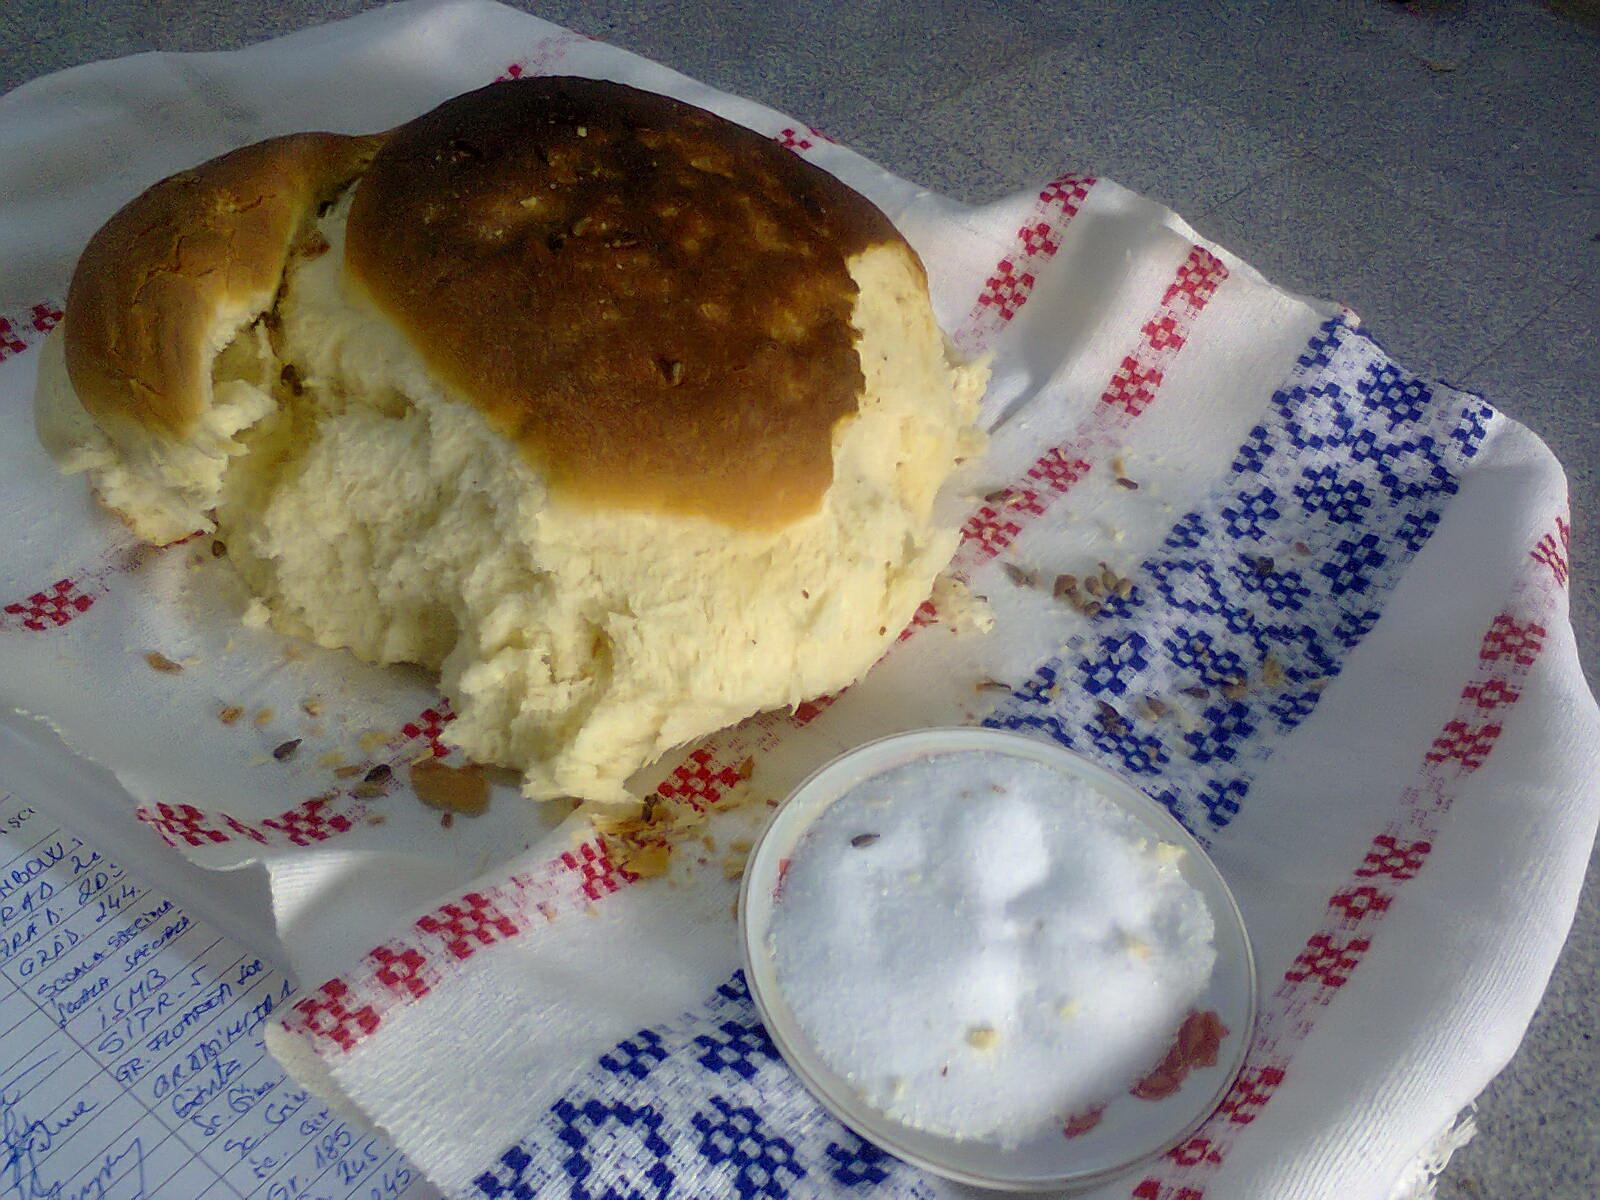 Pâinea îţi îmbolnăveşte inima. Câtă pâine avem voie să mâncăm zilnic?